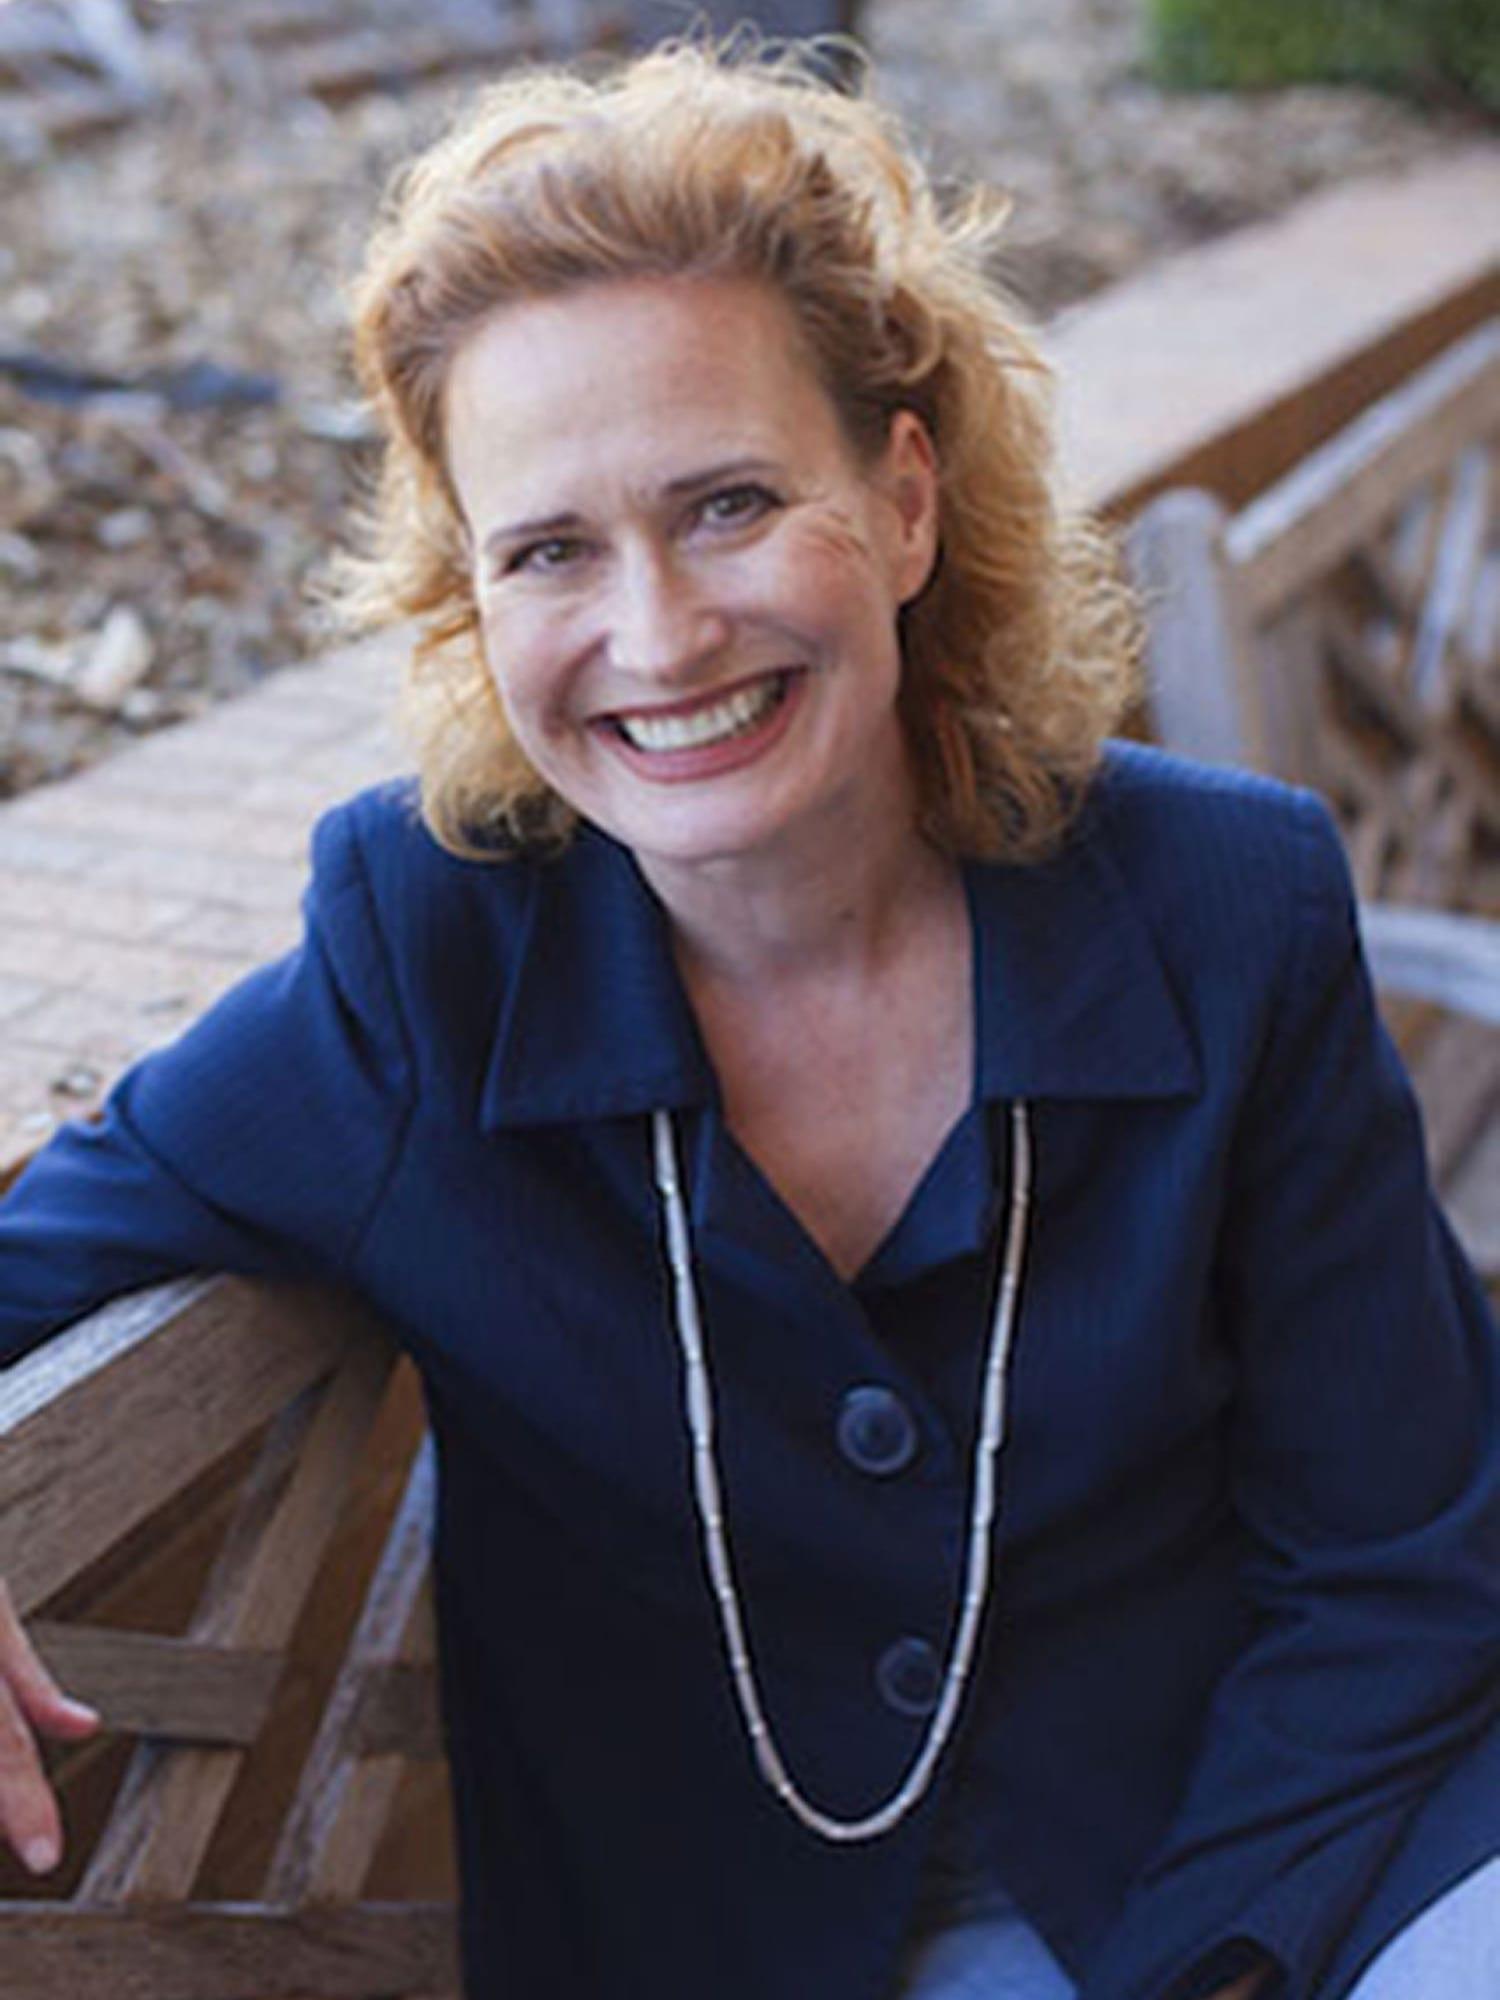 Dr. Julienne Aleta Greer, AEA